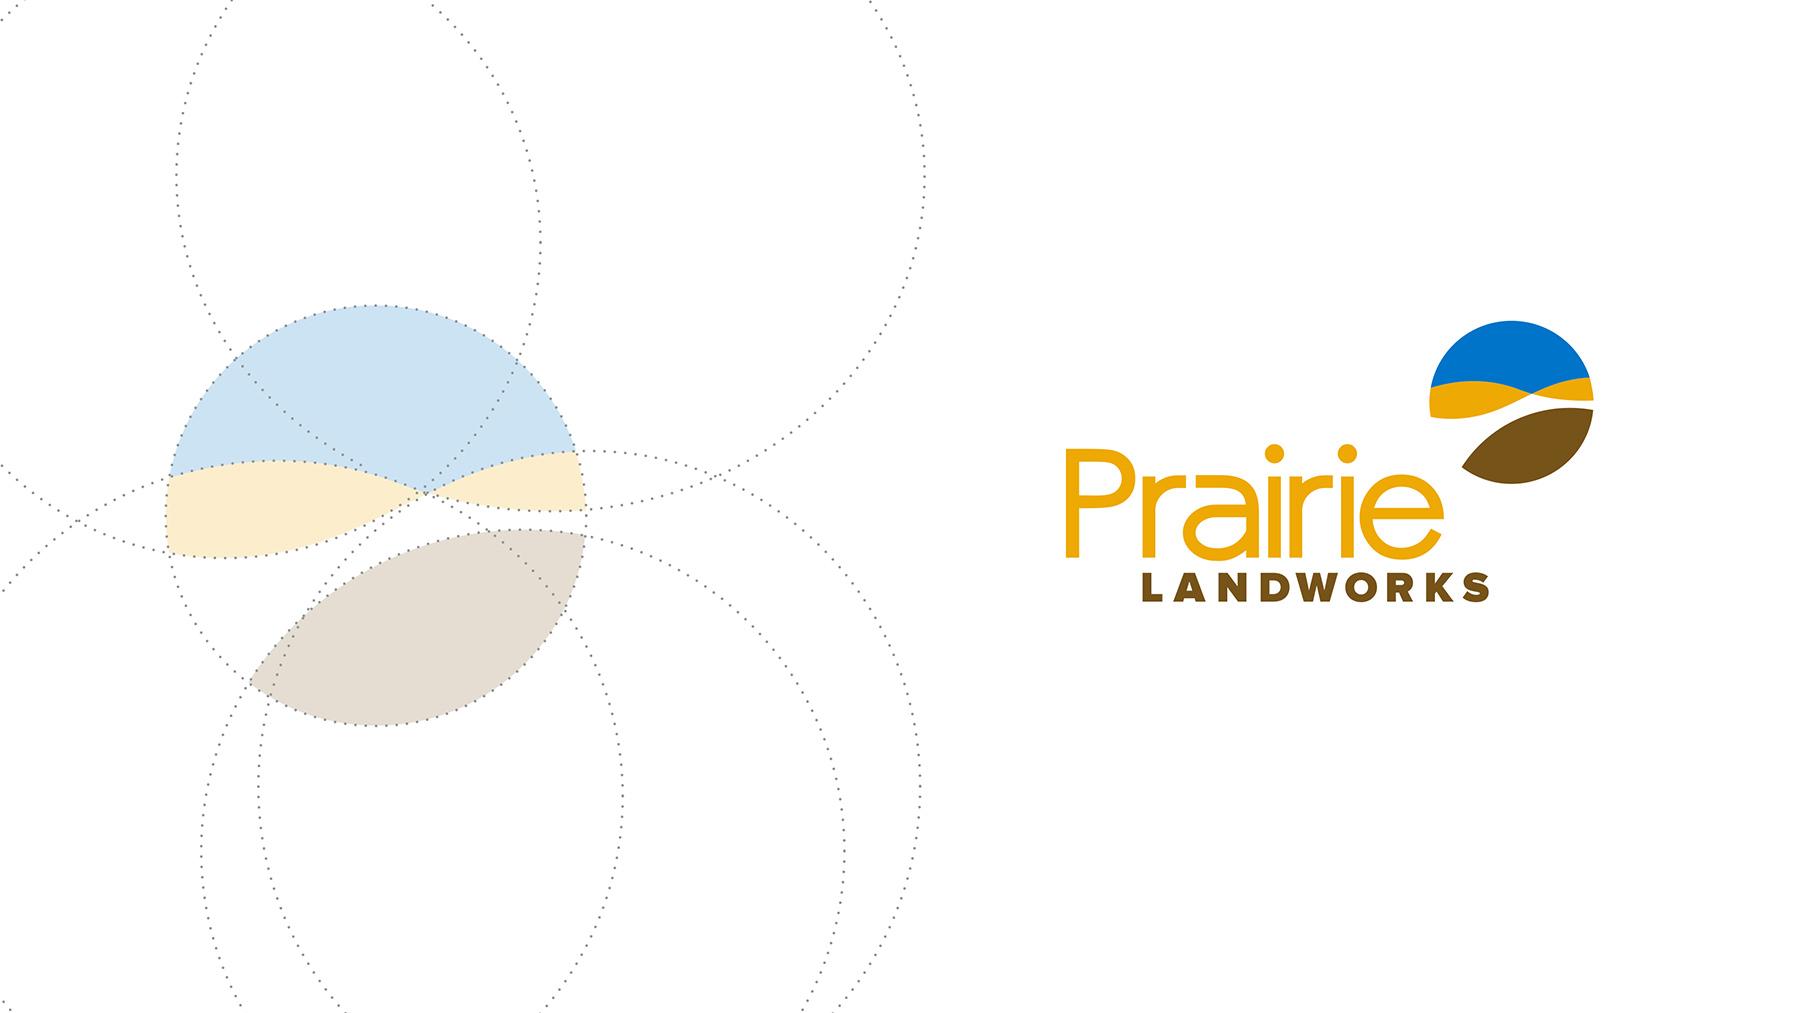 jajo-prairielandworks-casestudy-1